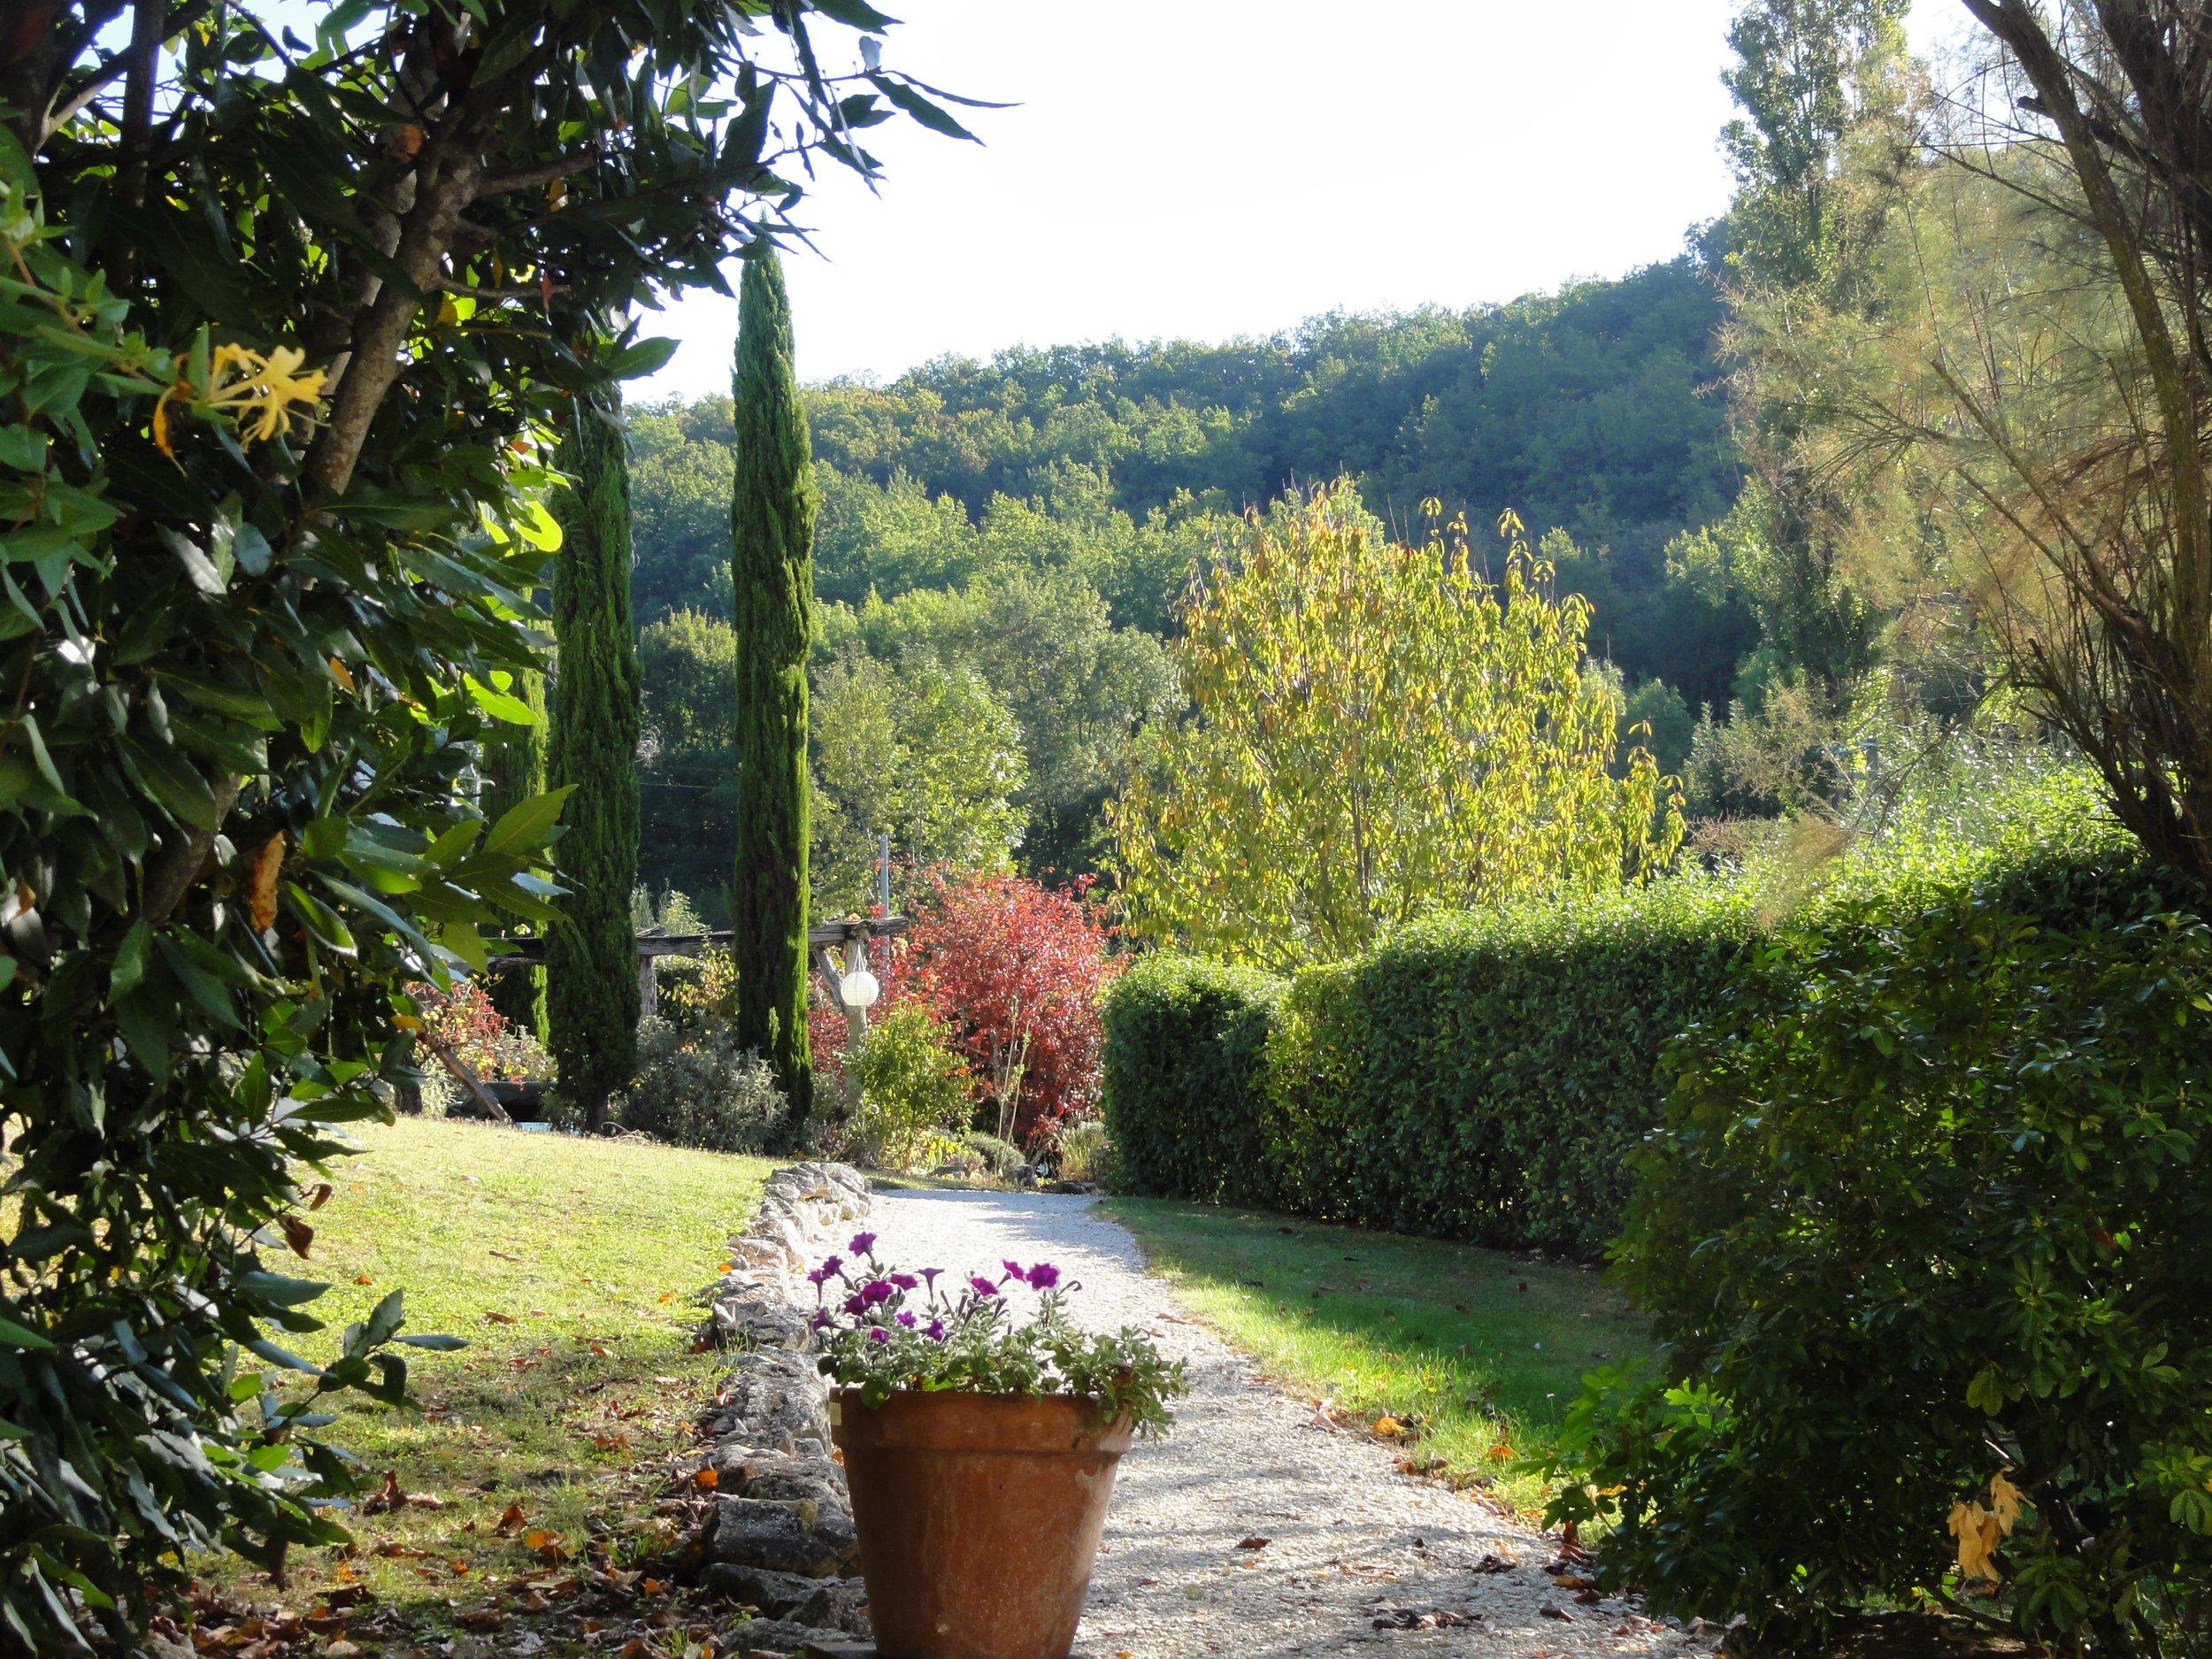 21 garden2.jpg